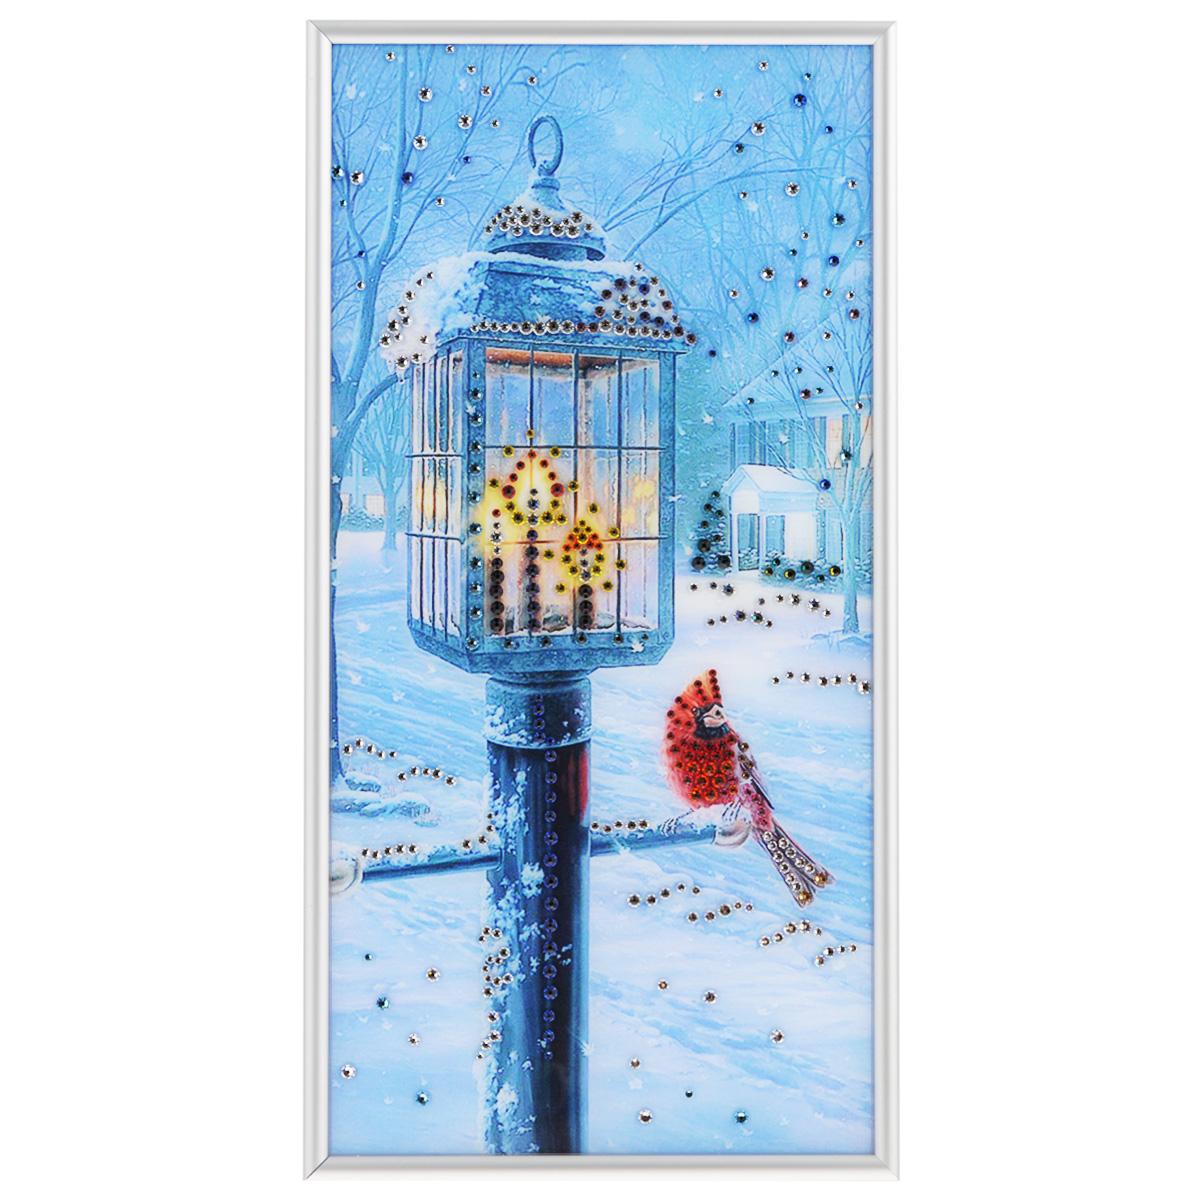 Картина с кристаллами Swarovski Рождественский вечер, 20 см х 40 смIDEA CT2-02Изящная картина в металлической раме, инкрустирована кристаллами Swarovski, которые отличаются четкой и ровной огранкой, ярким блеском и чистотой цвета. Красочное изображение уличного фонаря и птички, расположенное под стеклом, прекрасно дополняет блеск кристаллов. С обратной стороны имеется металлическая петелька для размещения картины на стене. Картина с кристаллами Swarovski Рождественский вечер элегантно украсит интерьер дома или офиса, а также станет прекрасным подарком, который обязательно понравится получателю. Блеск кристаллов в интерьере, что может быть сказочнее и удивительнее. Картина упакована в подарочную картонную коробку синего цвета и комплектуется сертификатом соответствия Swarovski.